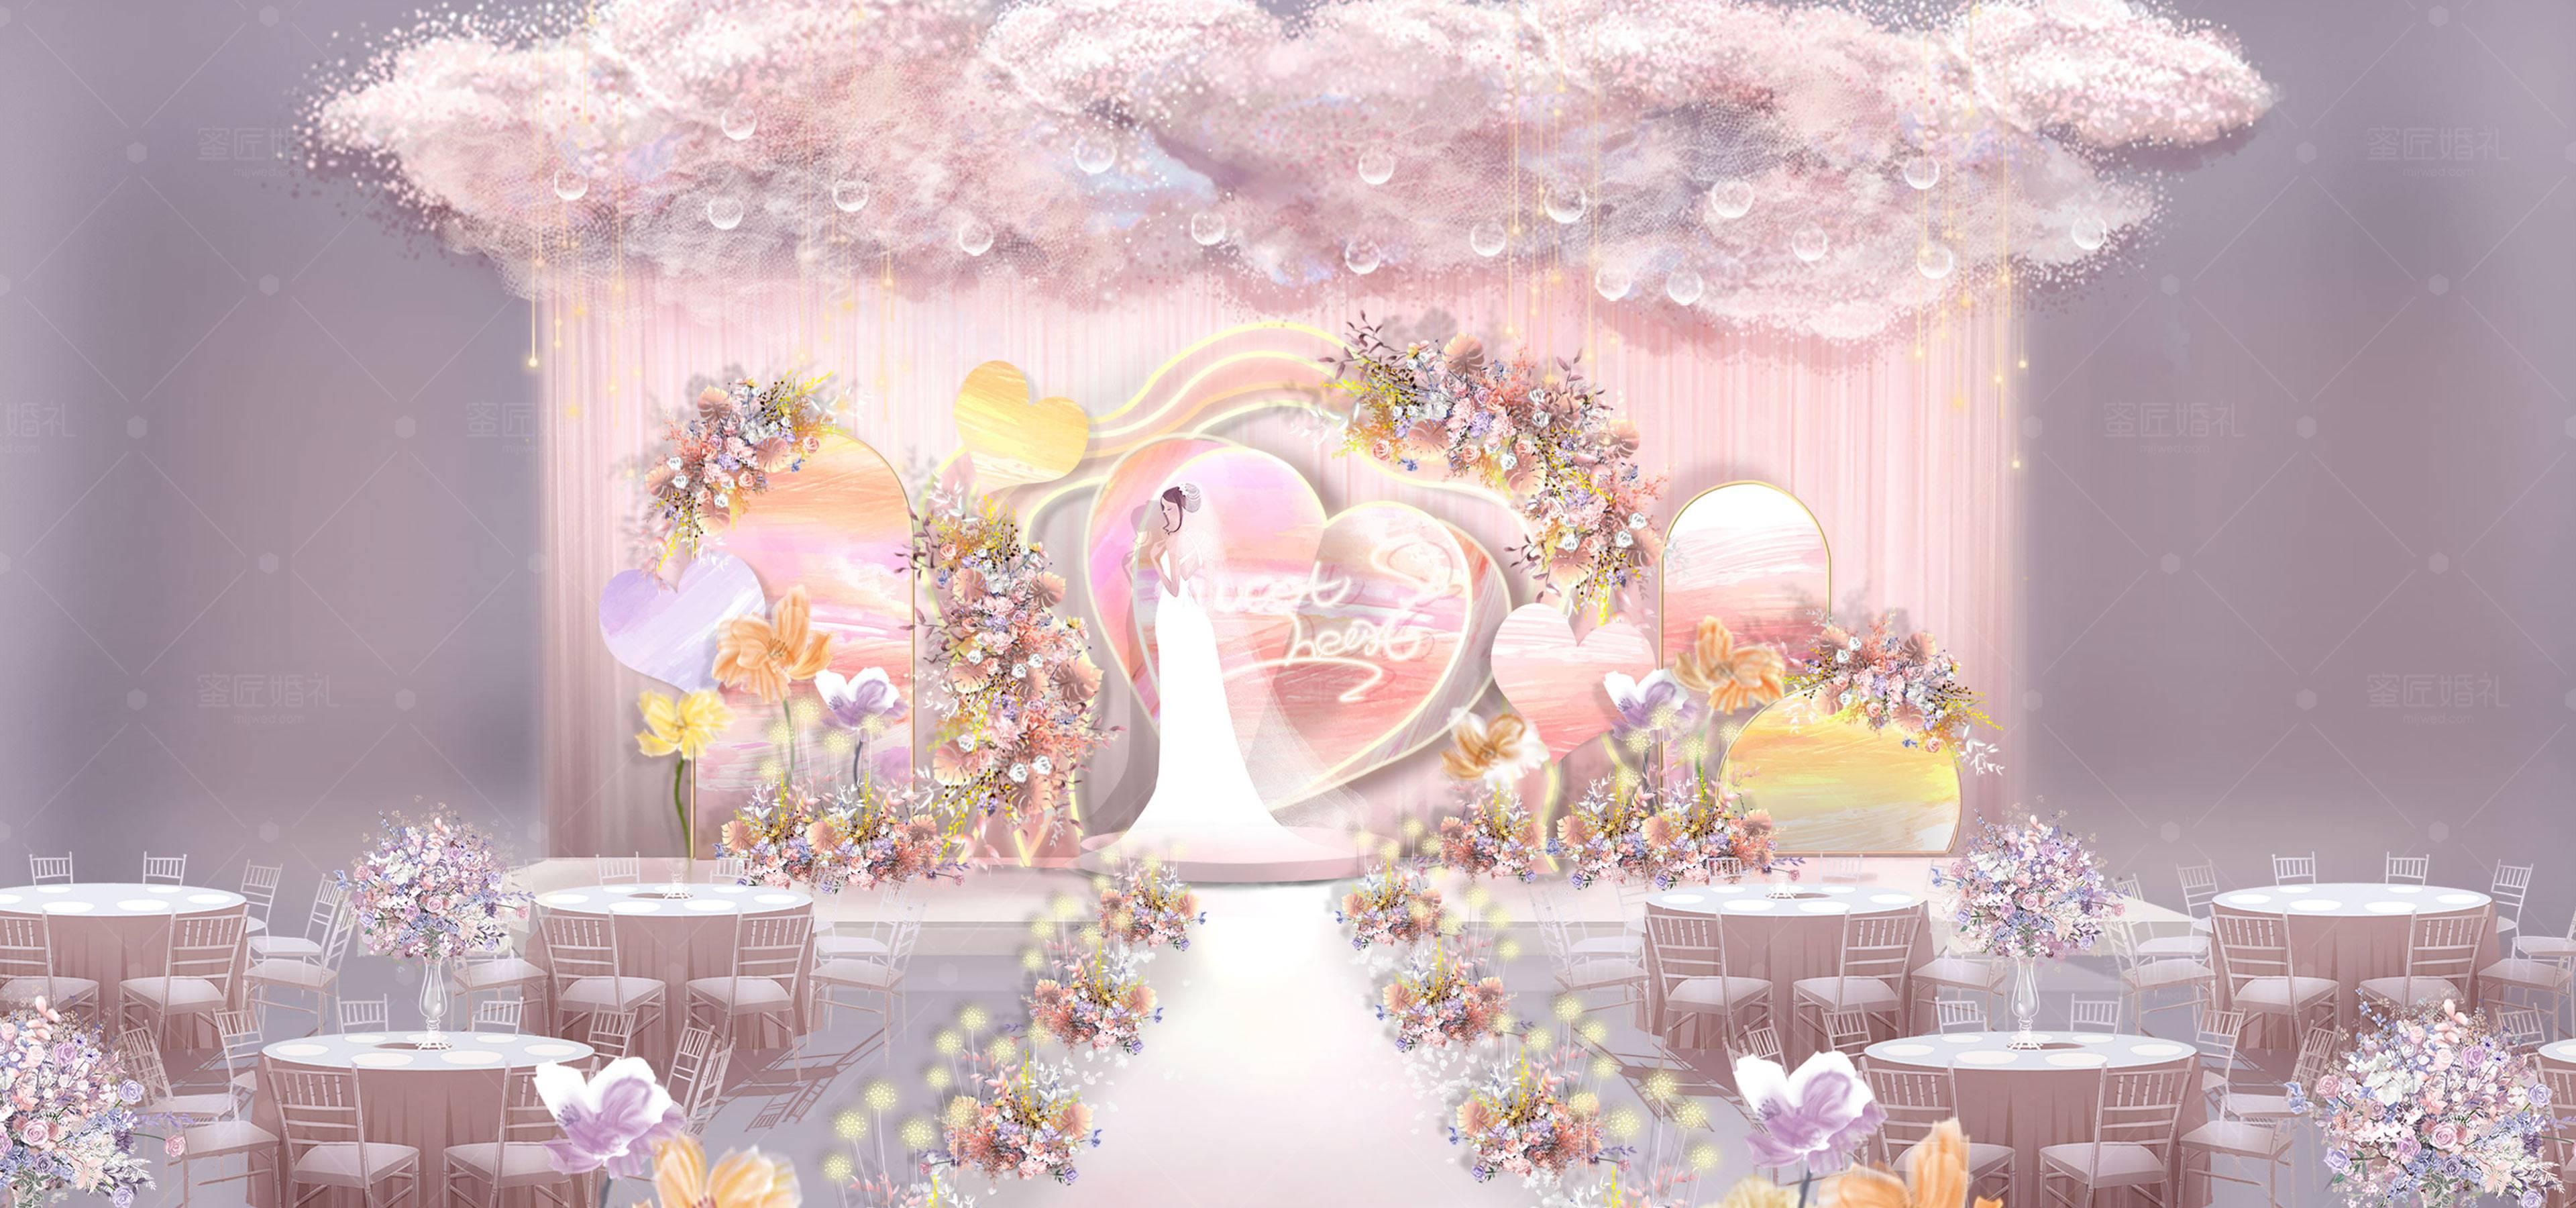 娄底市婚礼策划方案:甜心1